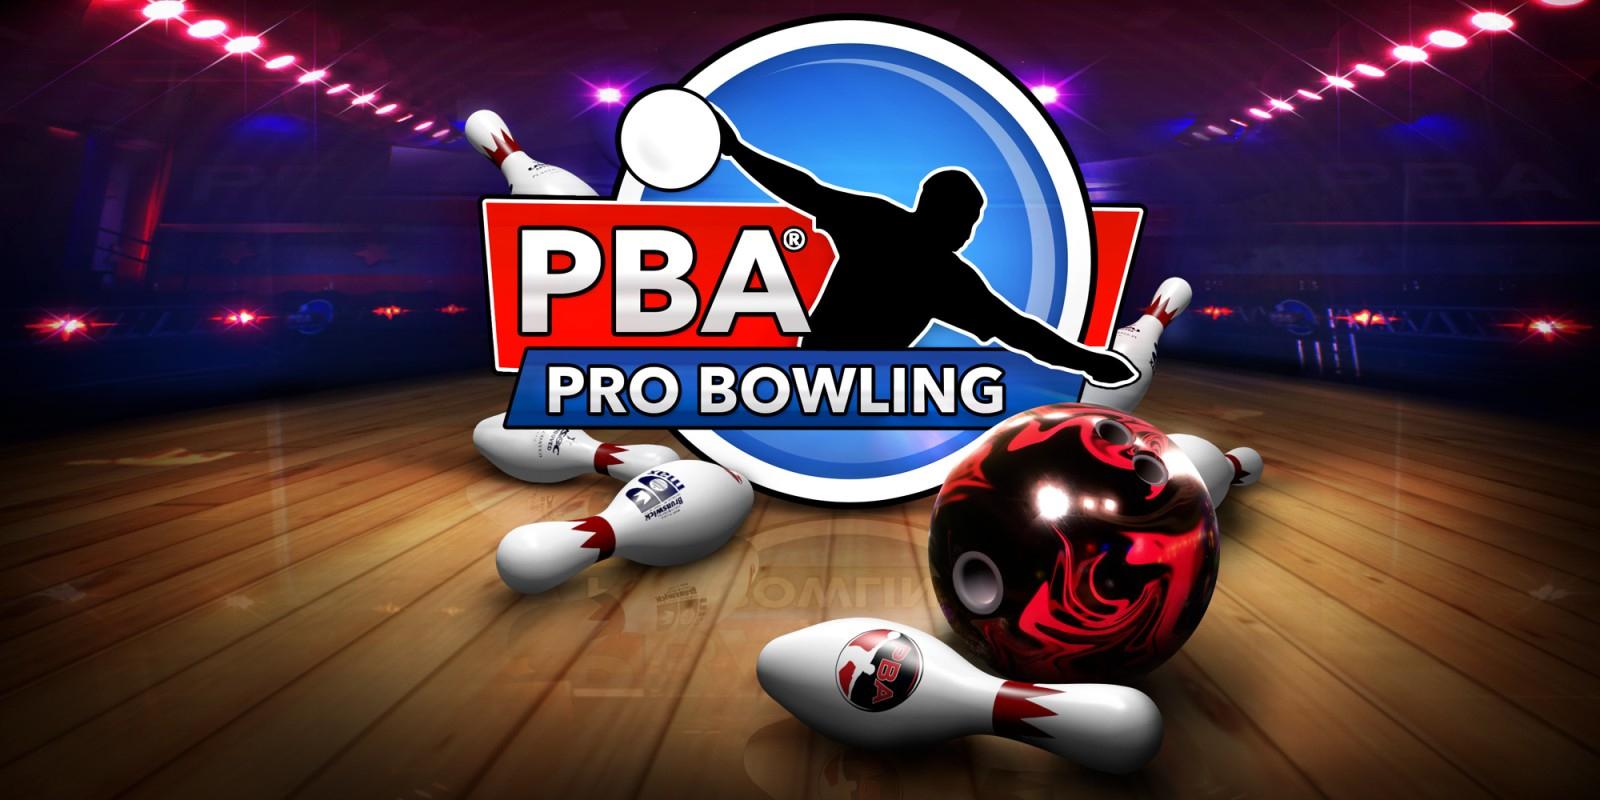 Pba Pro Bowling | Jeux À Télécharger Sur Nintendo Switch tout Jeux Gratuits De Bowling